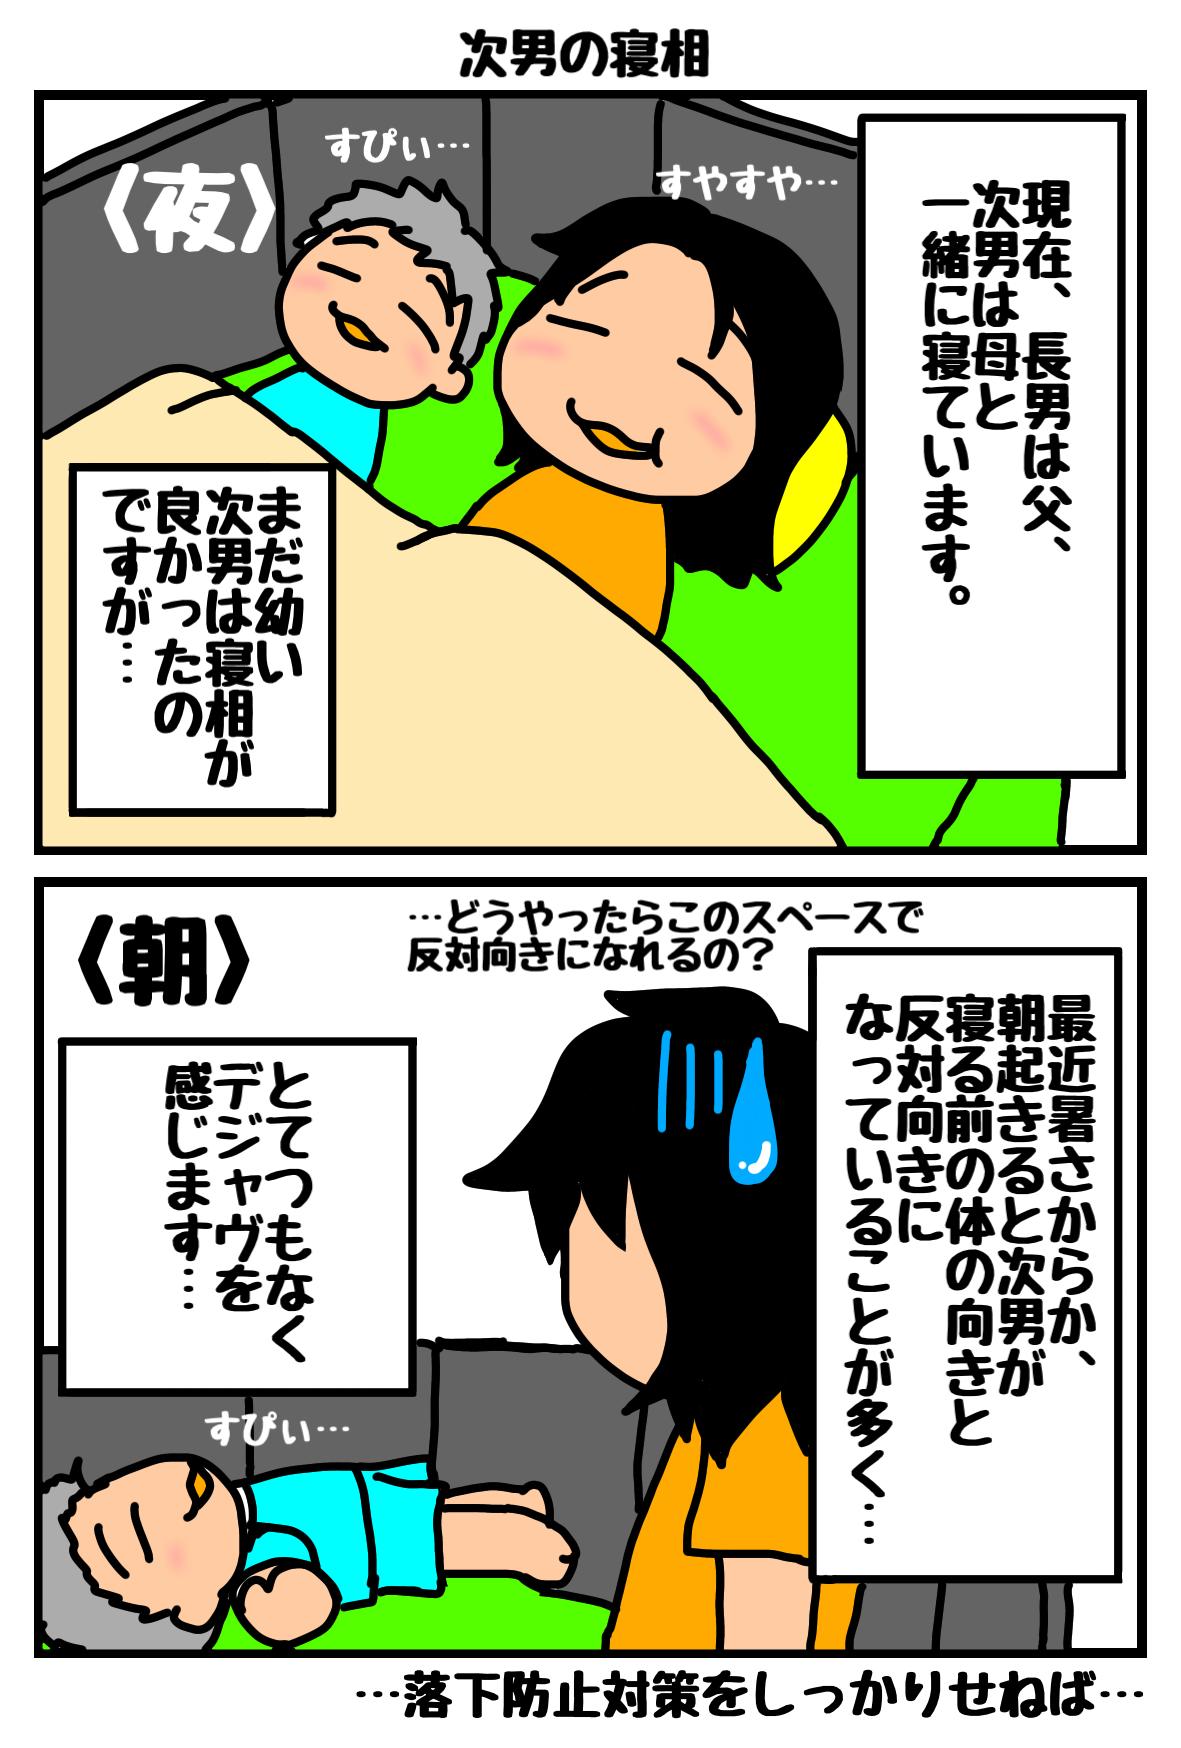 2コマ漫画11.png